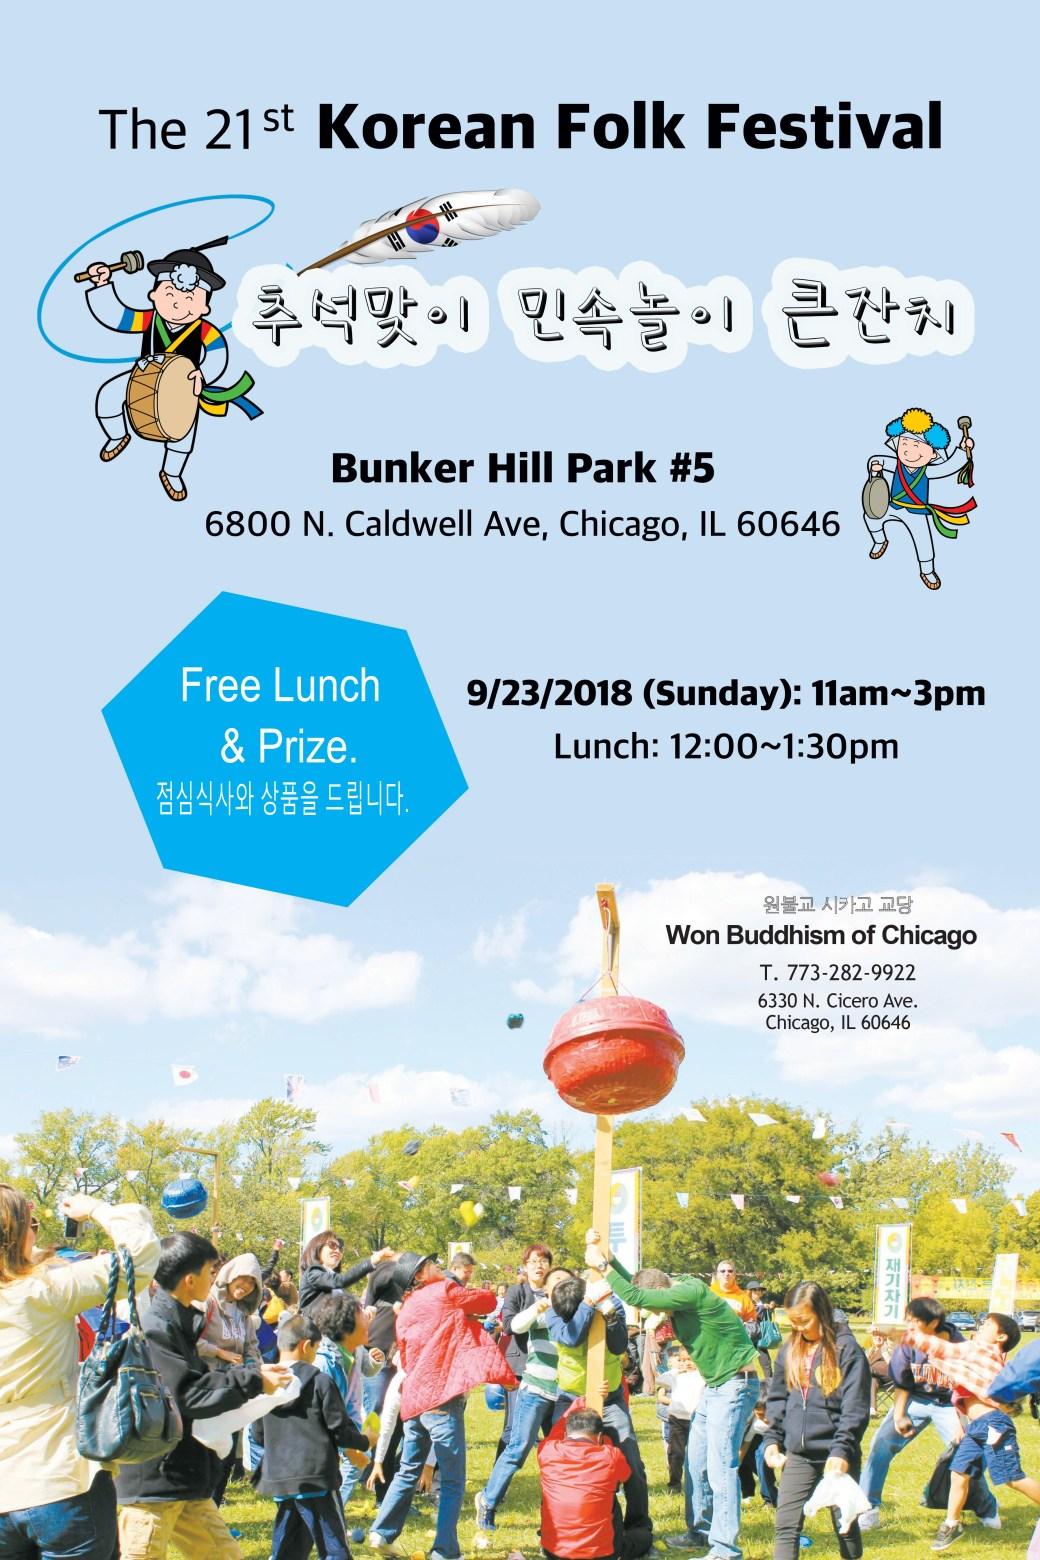 The 21st Korean Folk Festival